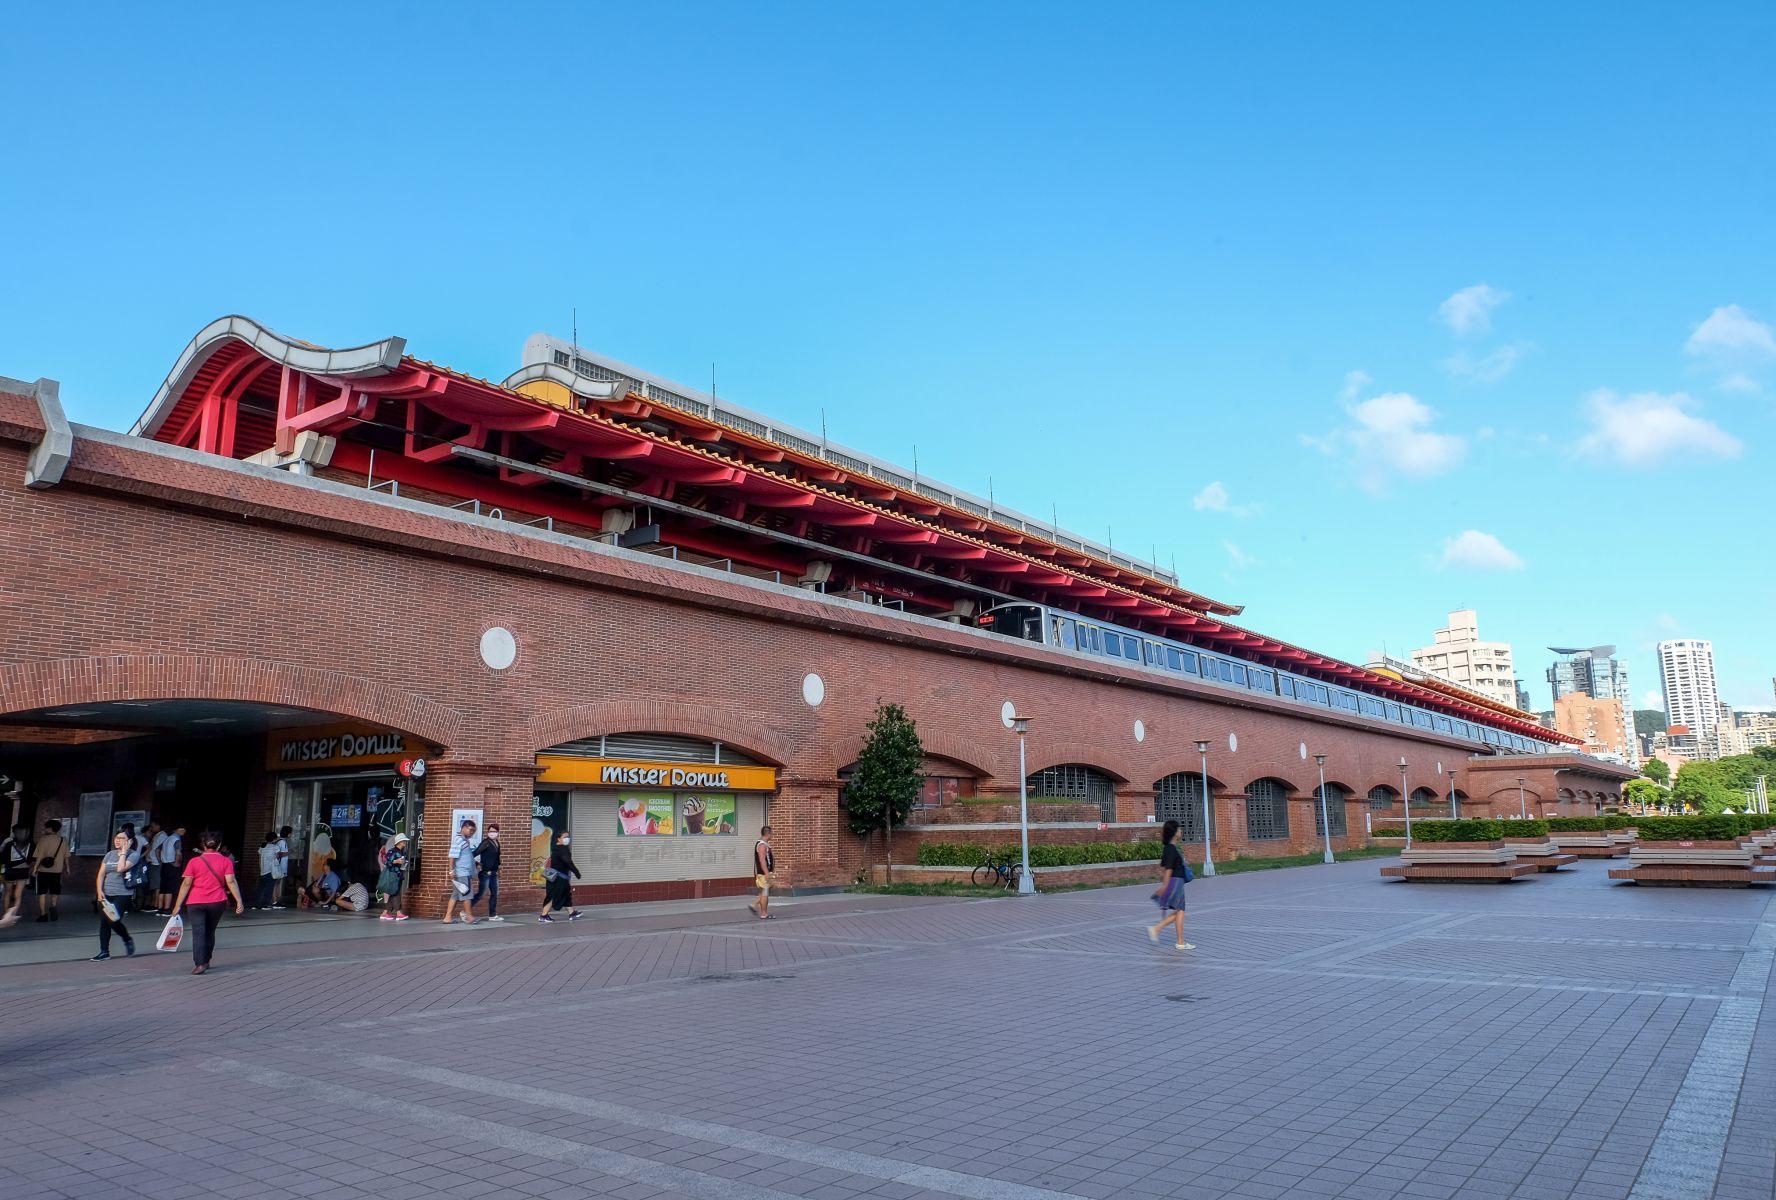 捷運末站房價「這一站」最便宜! 首購族想沿線買挑哪站CP值最高?